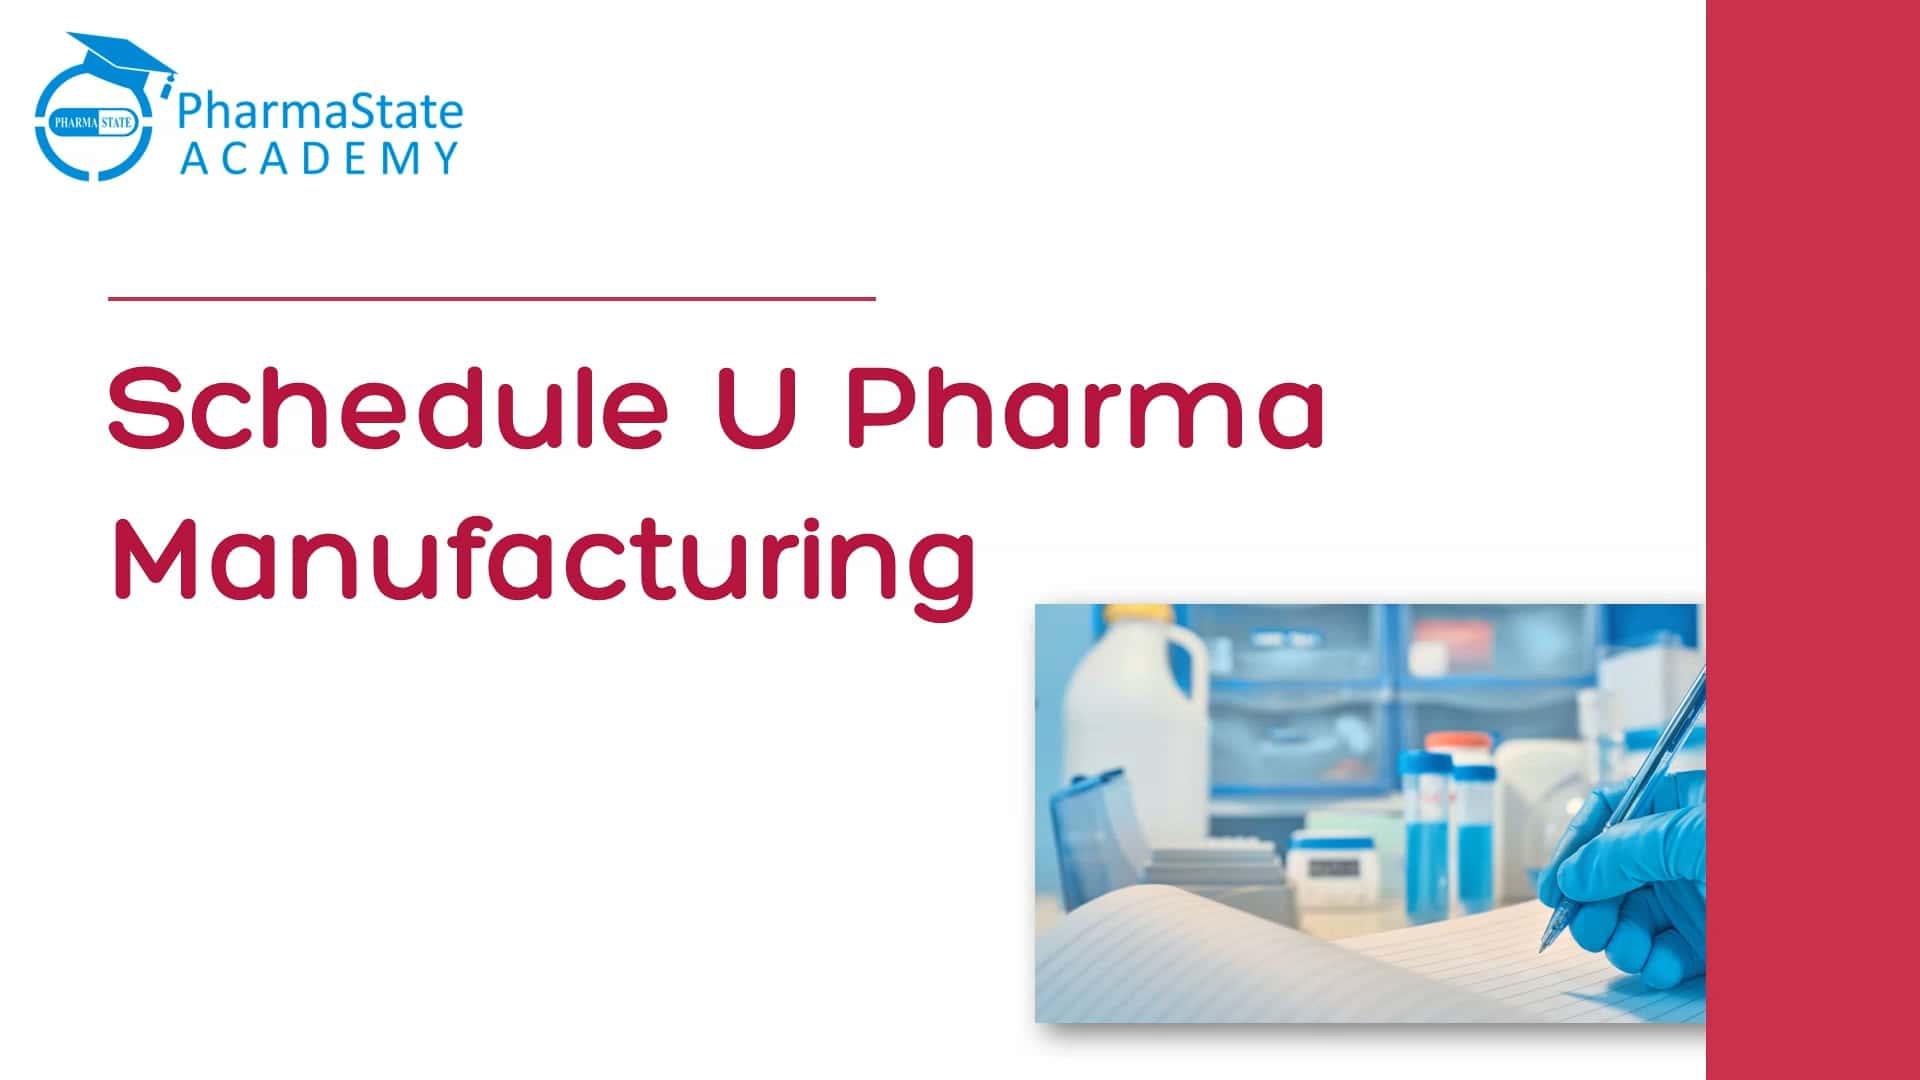 Schedule U Pharma Manufacturing